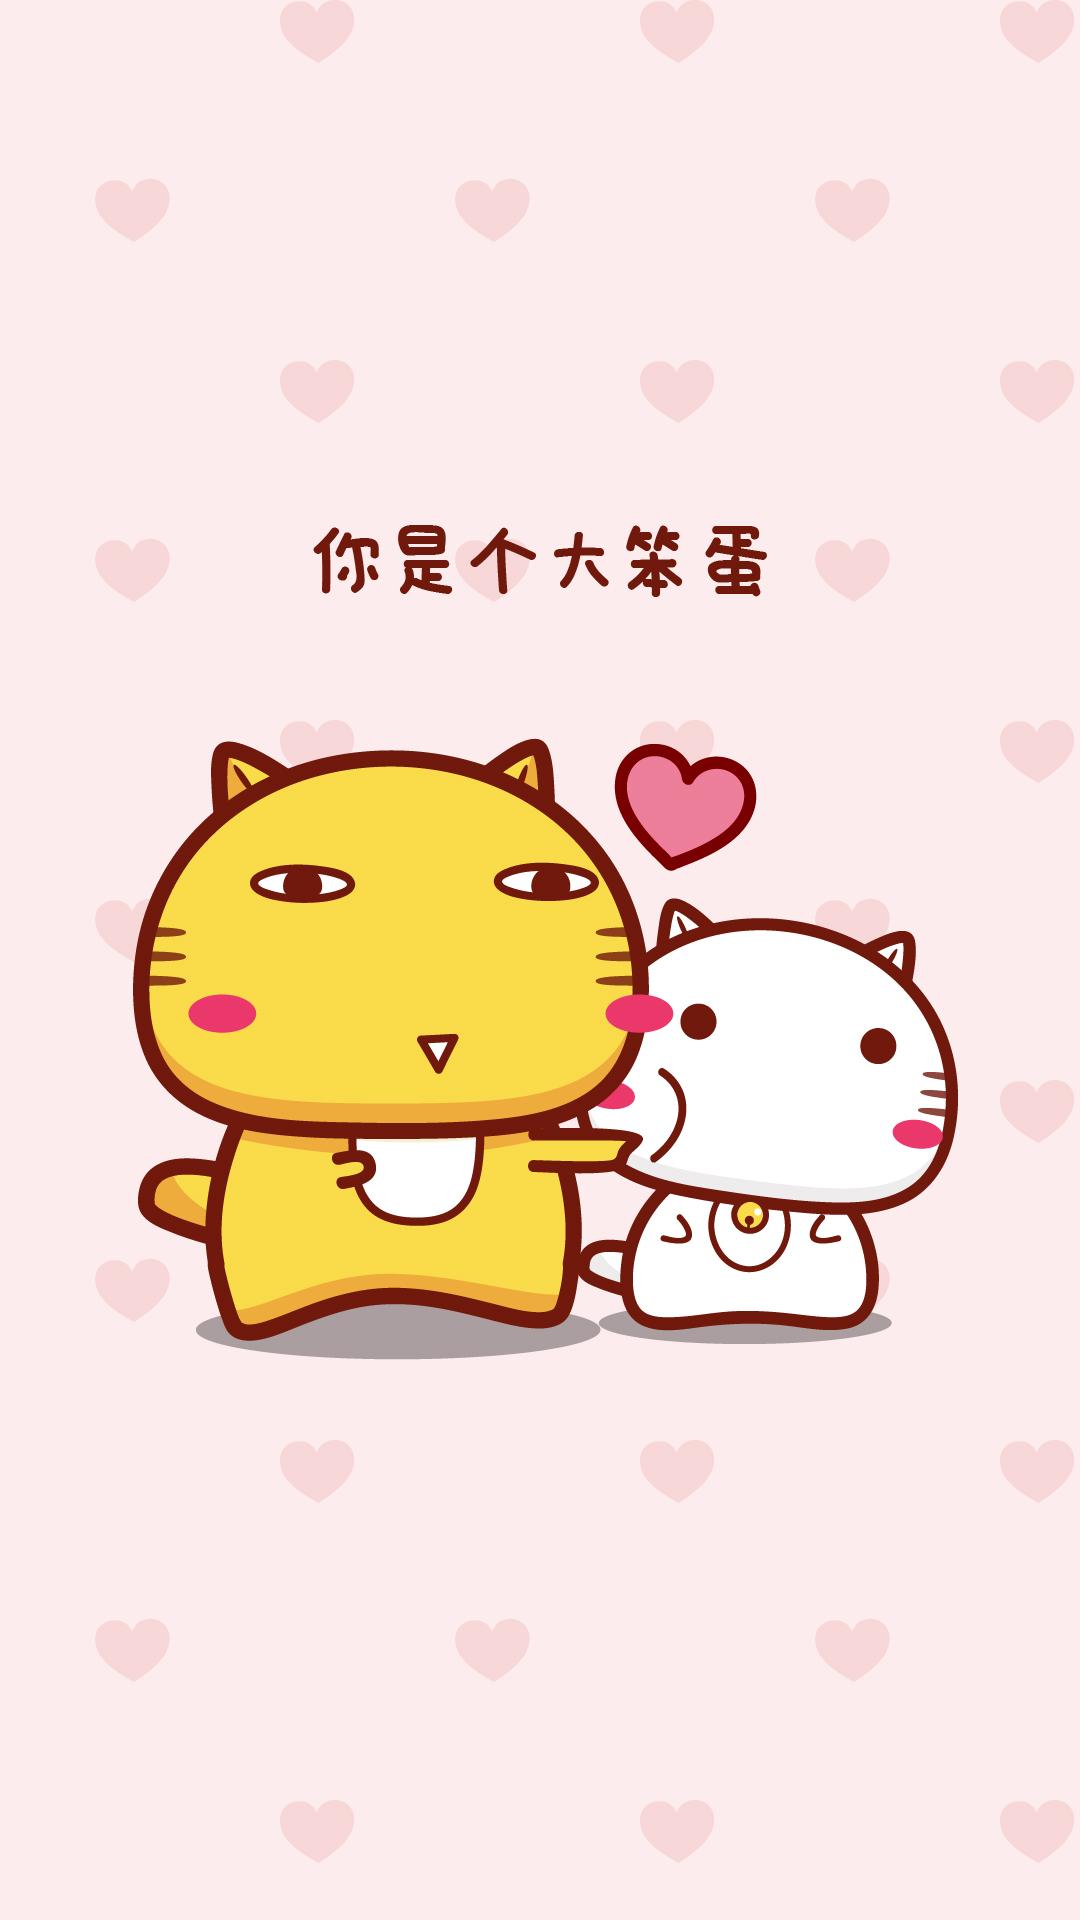 爱你~爱你~